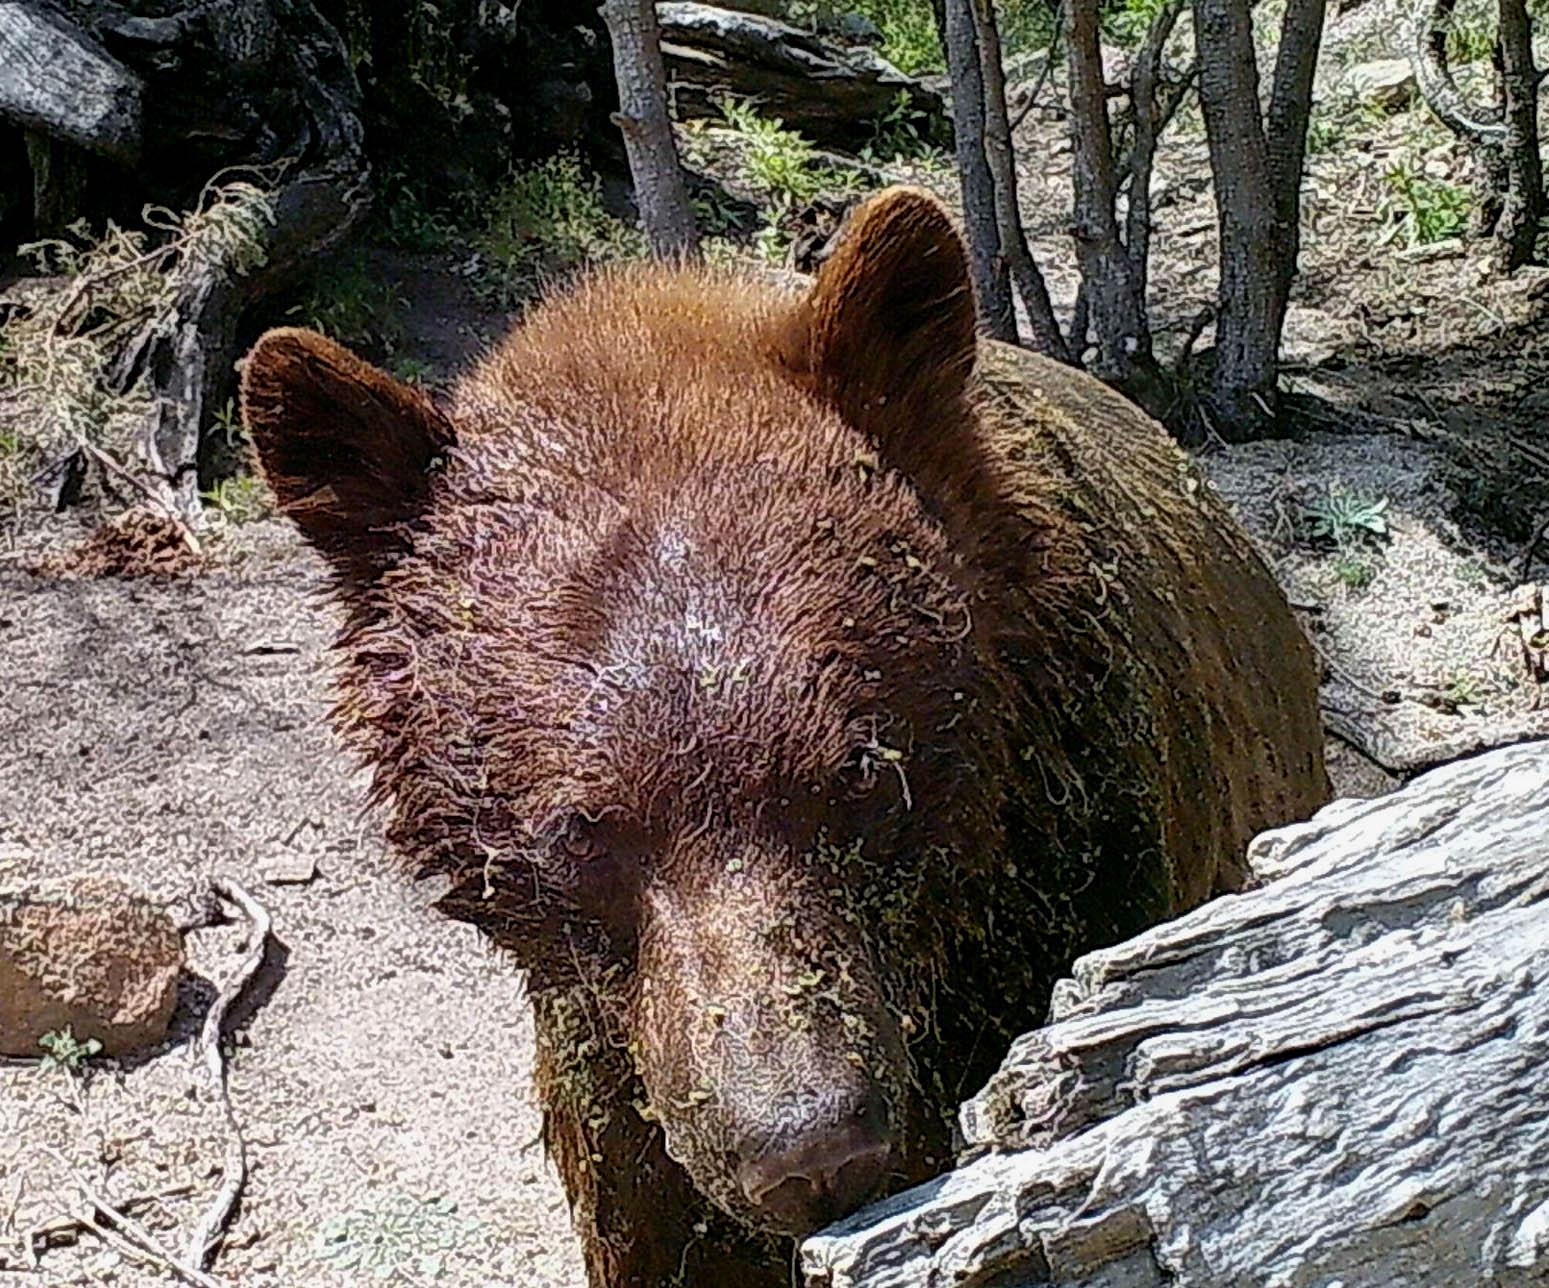 Ursus americanus-JMCirett-G-cam05-SChivato-14Apr19-6a